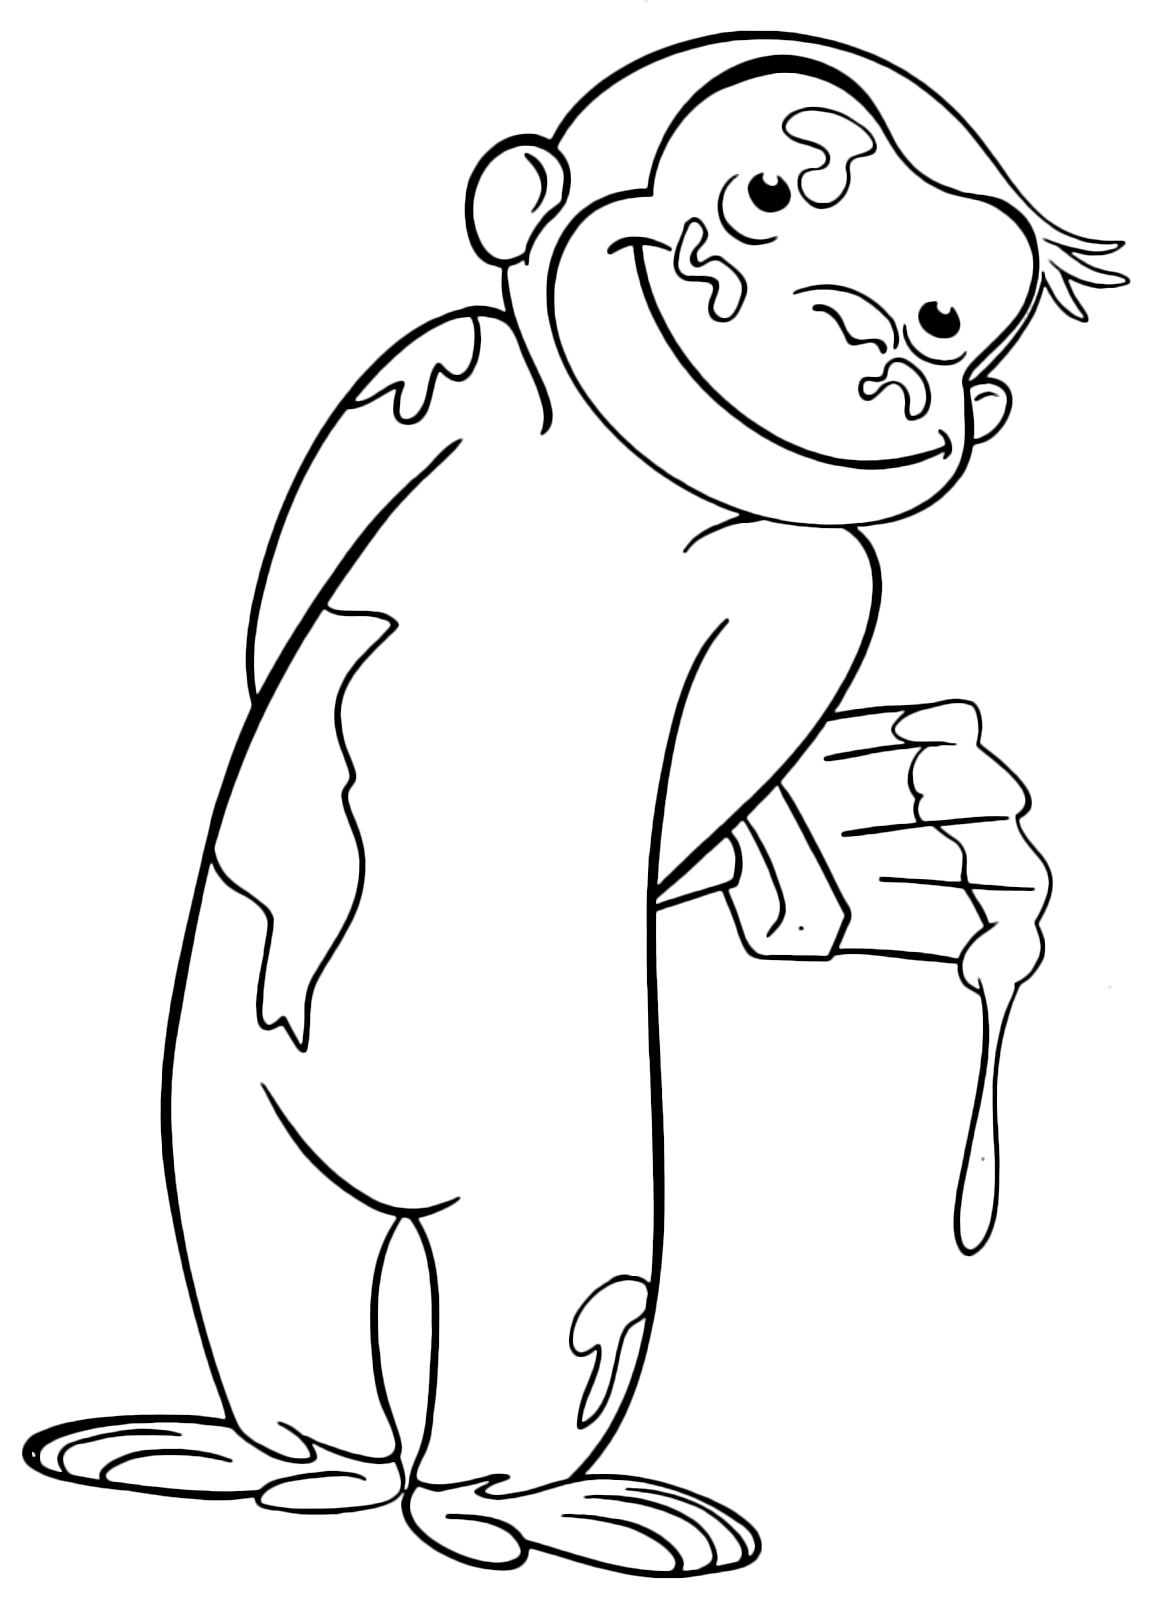 Bella Albero Di Banane Con Scimmie I Disegni Da Colorare Migliori